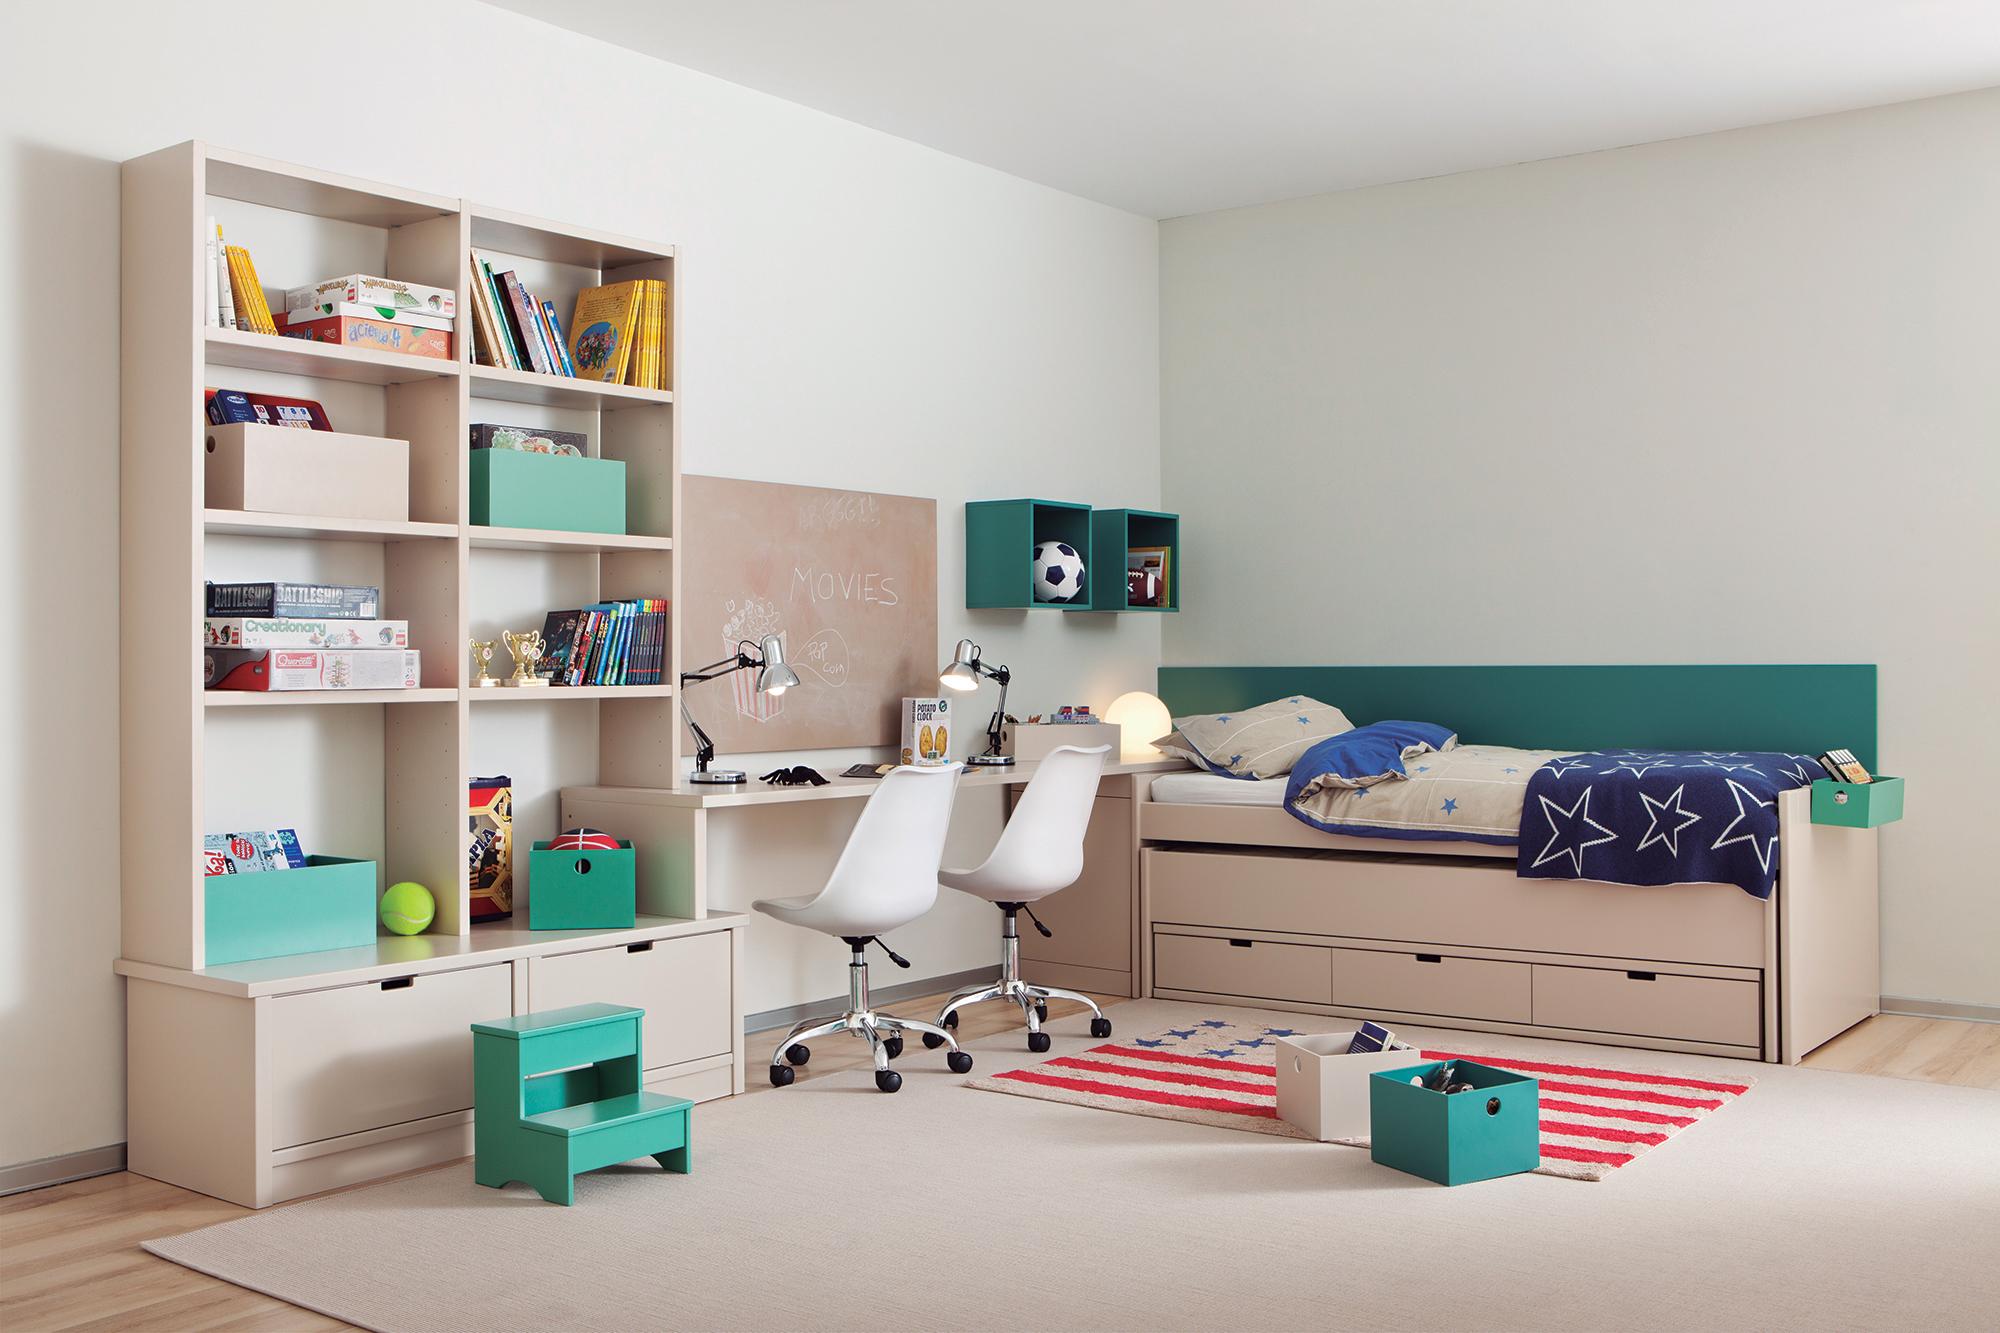 rangement chambre enfant facile